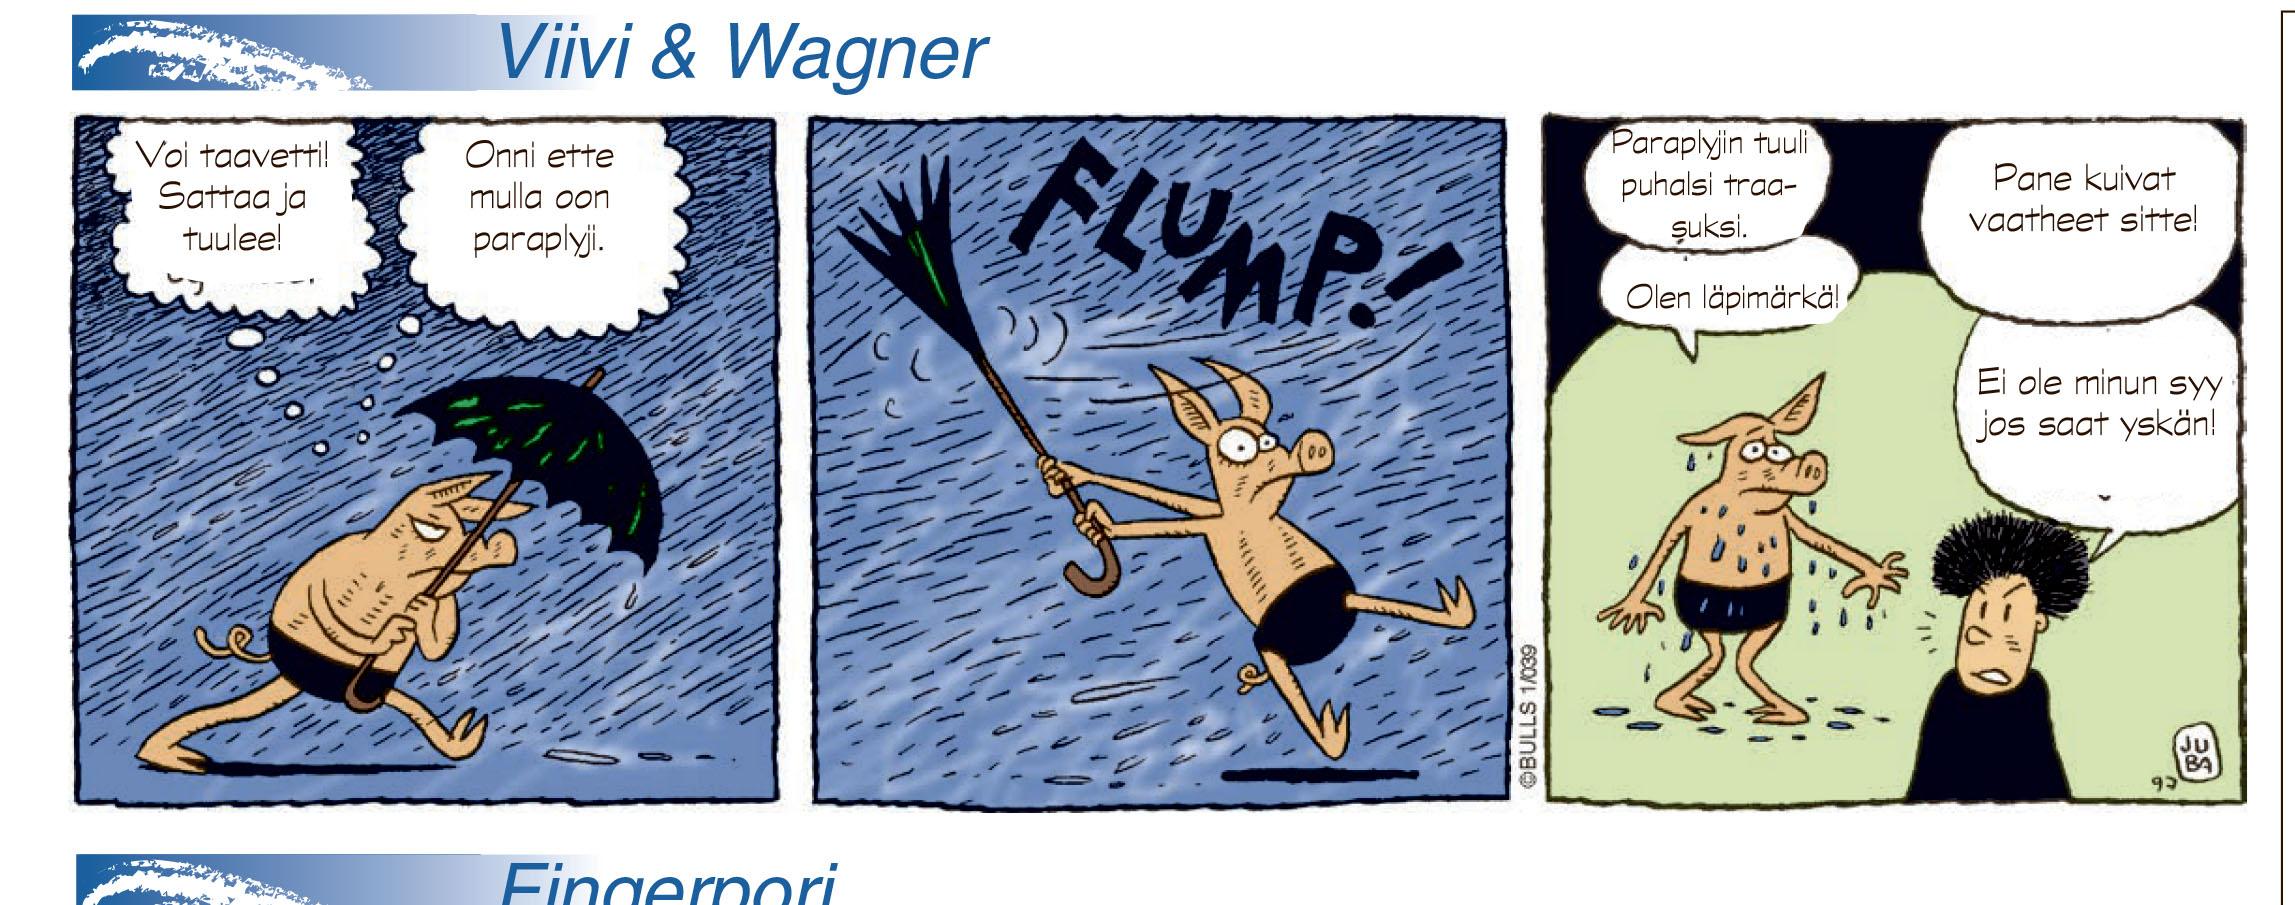 Viivi & Wagner (nr 7 -2015)